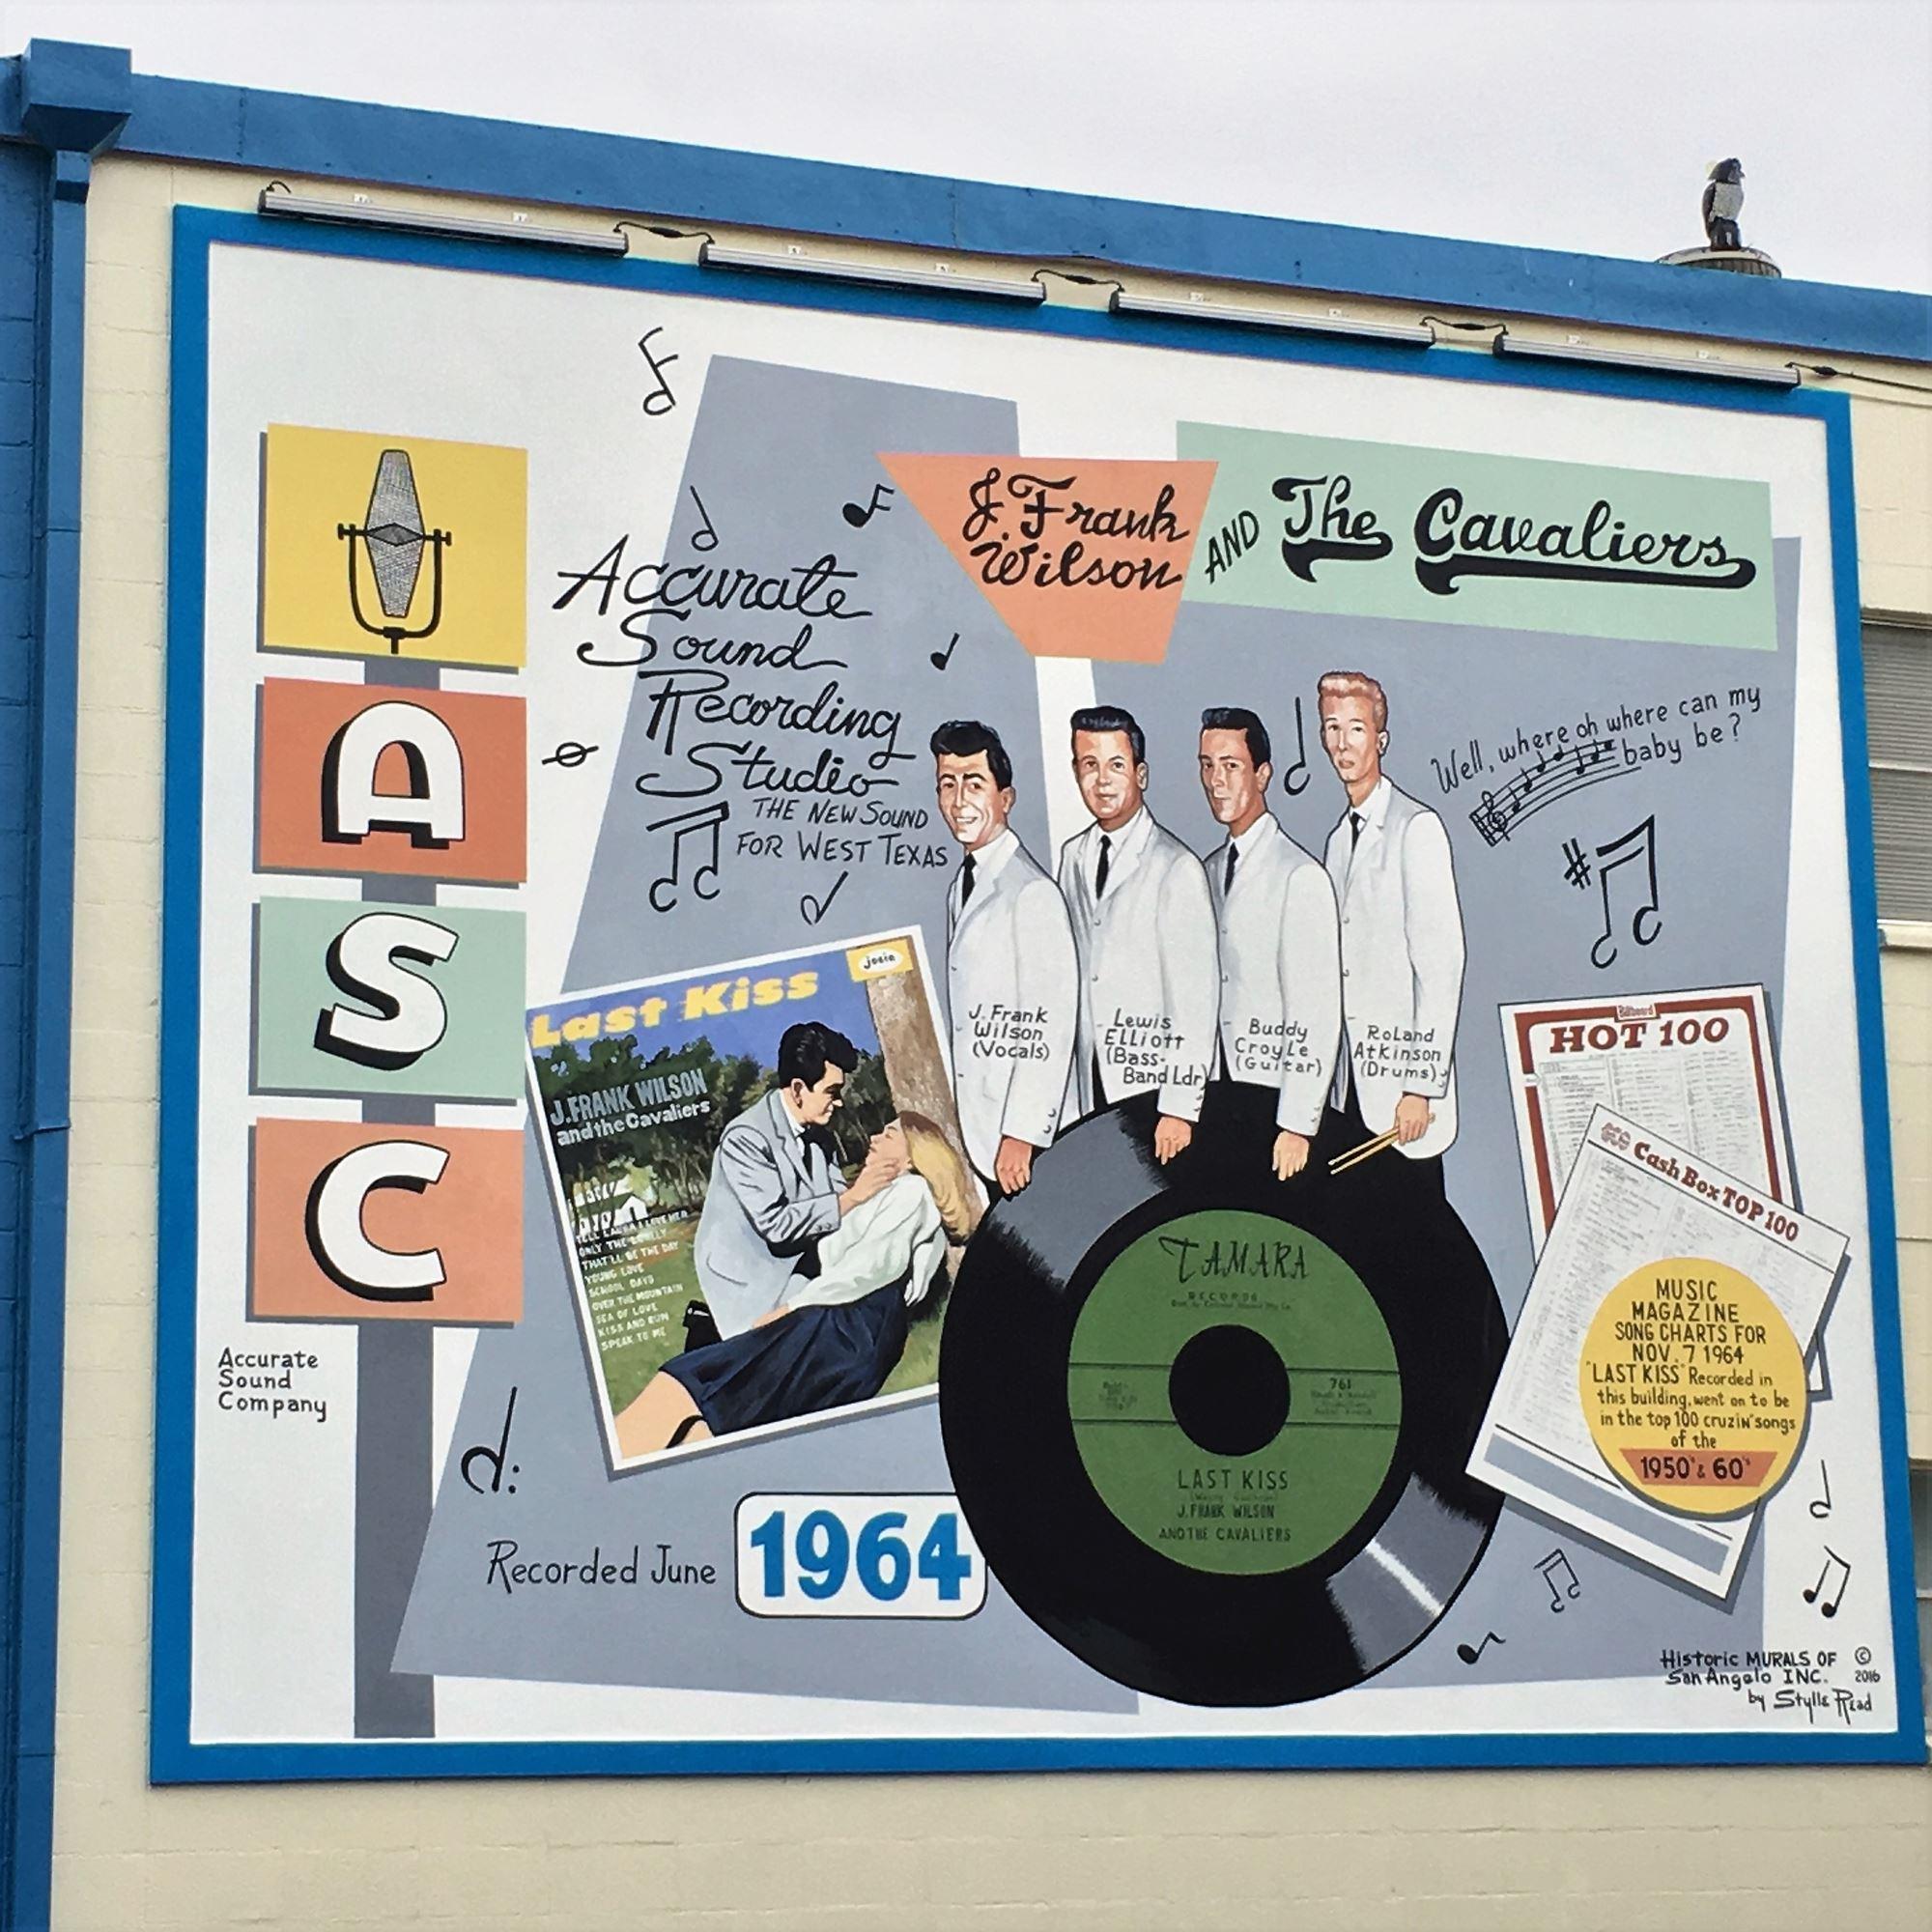 Cavaliers Mural